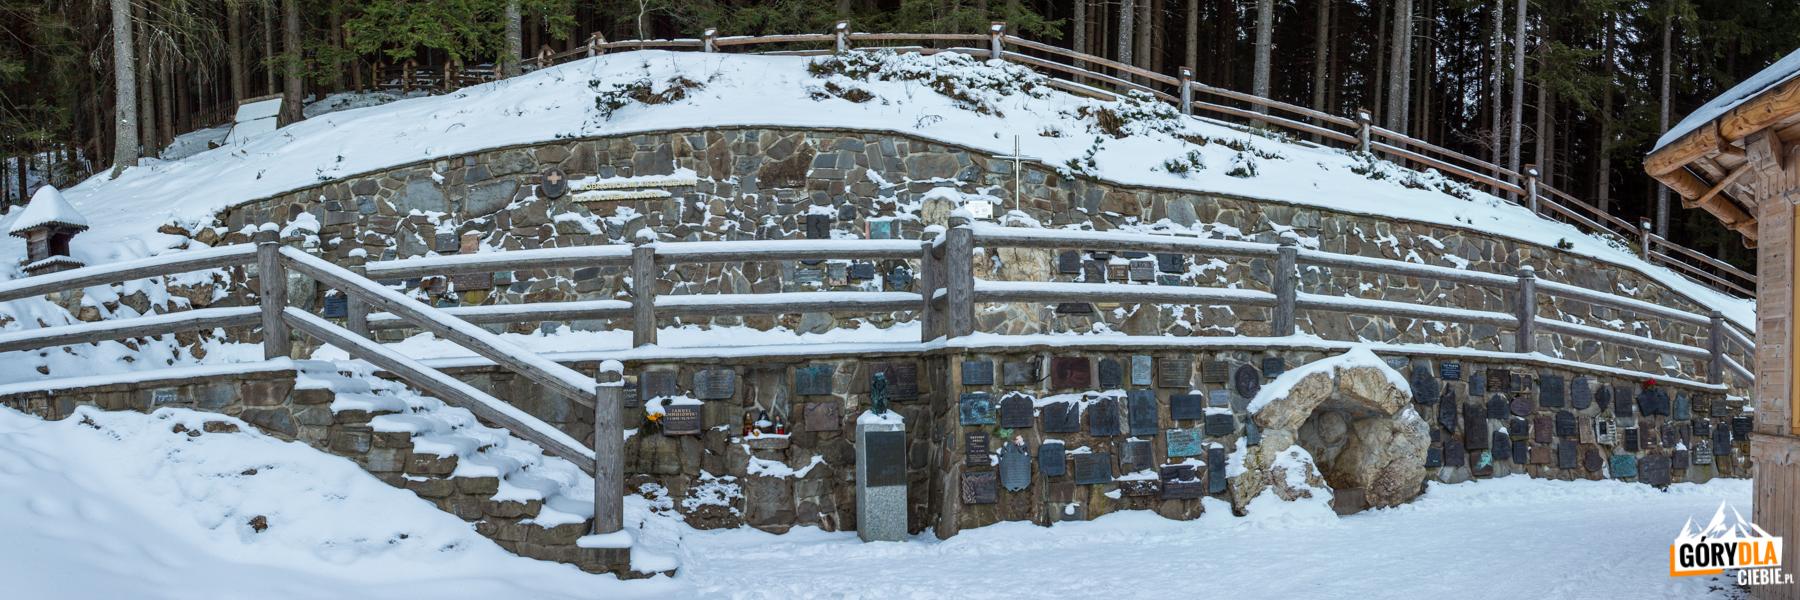 Wiktorówki - tablice pamiątkowe poświęcone taternikom, ratownikom górskim iinnym, którzyzginęły wgórach